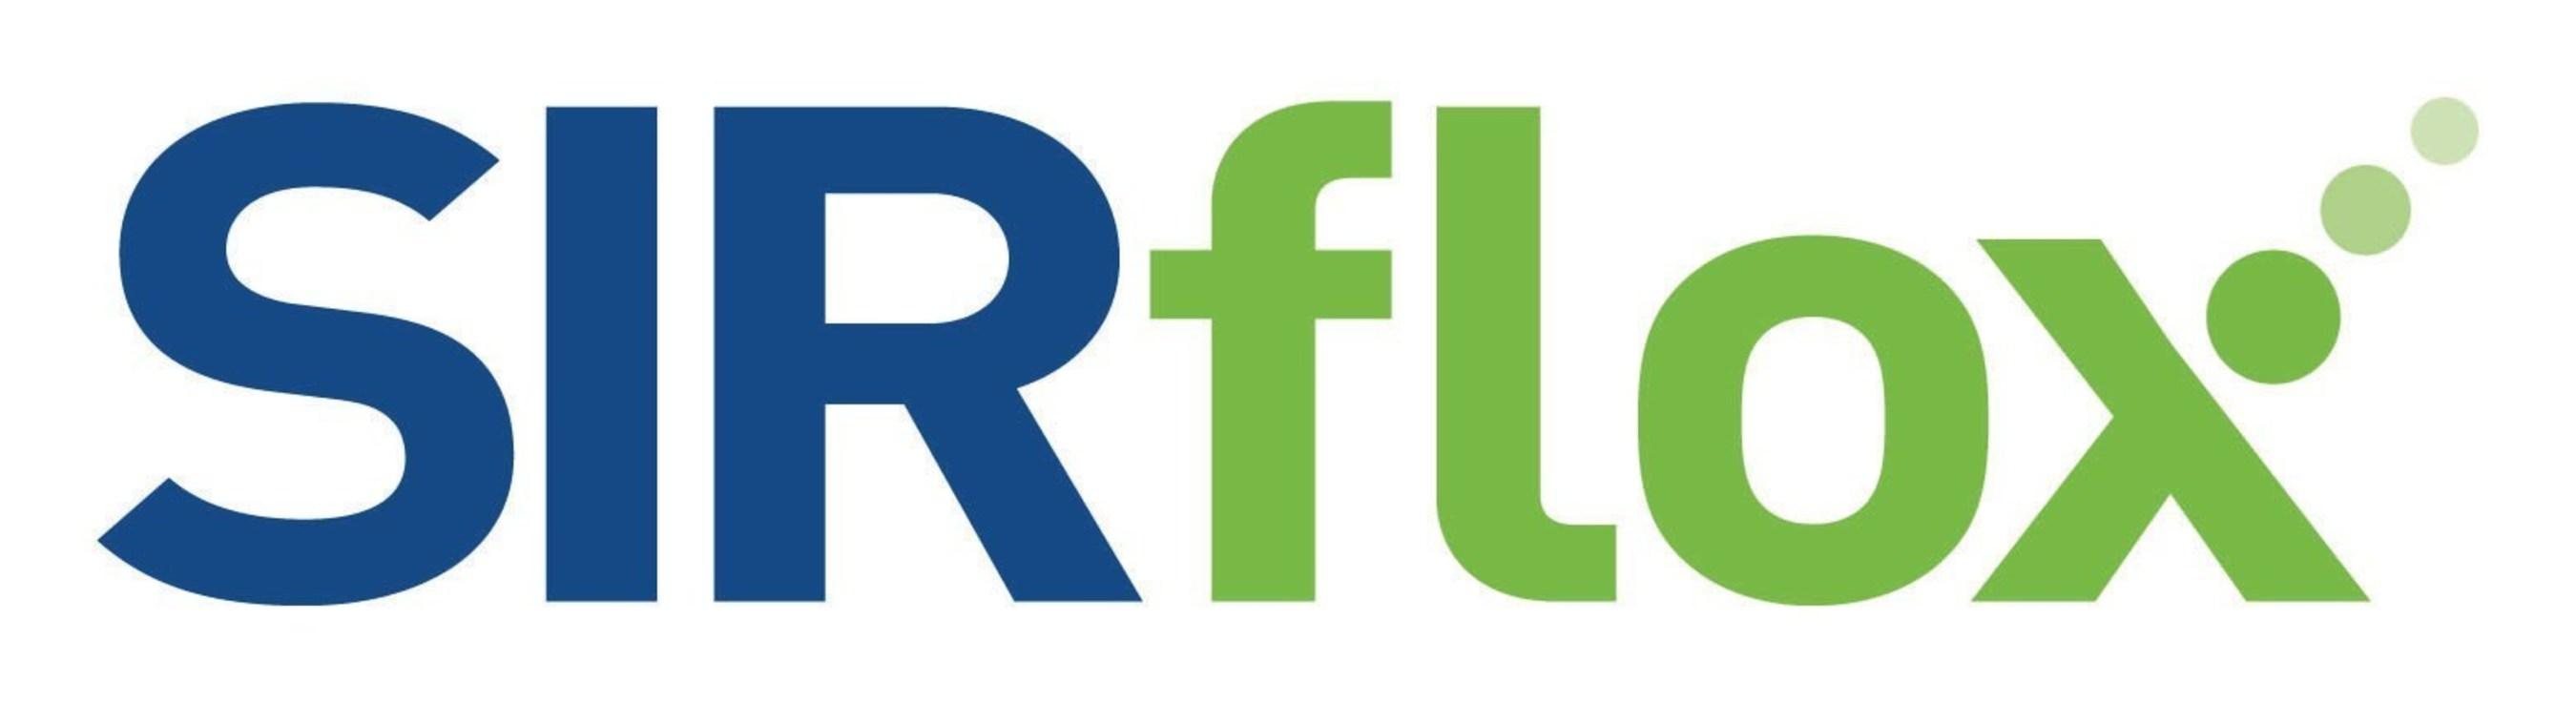 Se Presentaron Nuevos Datos del Studio SIRFLOX en el Congreso Mundial de Cáncer Gastrointestinal